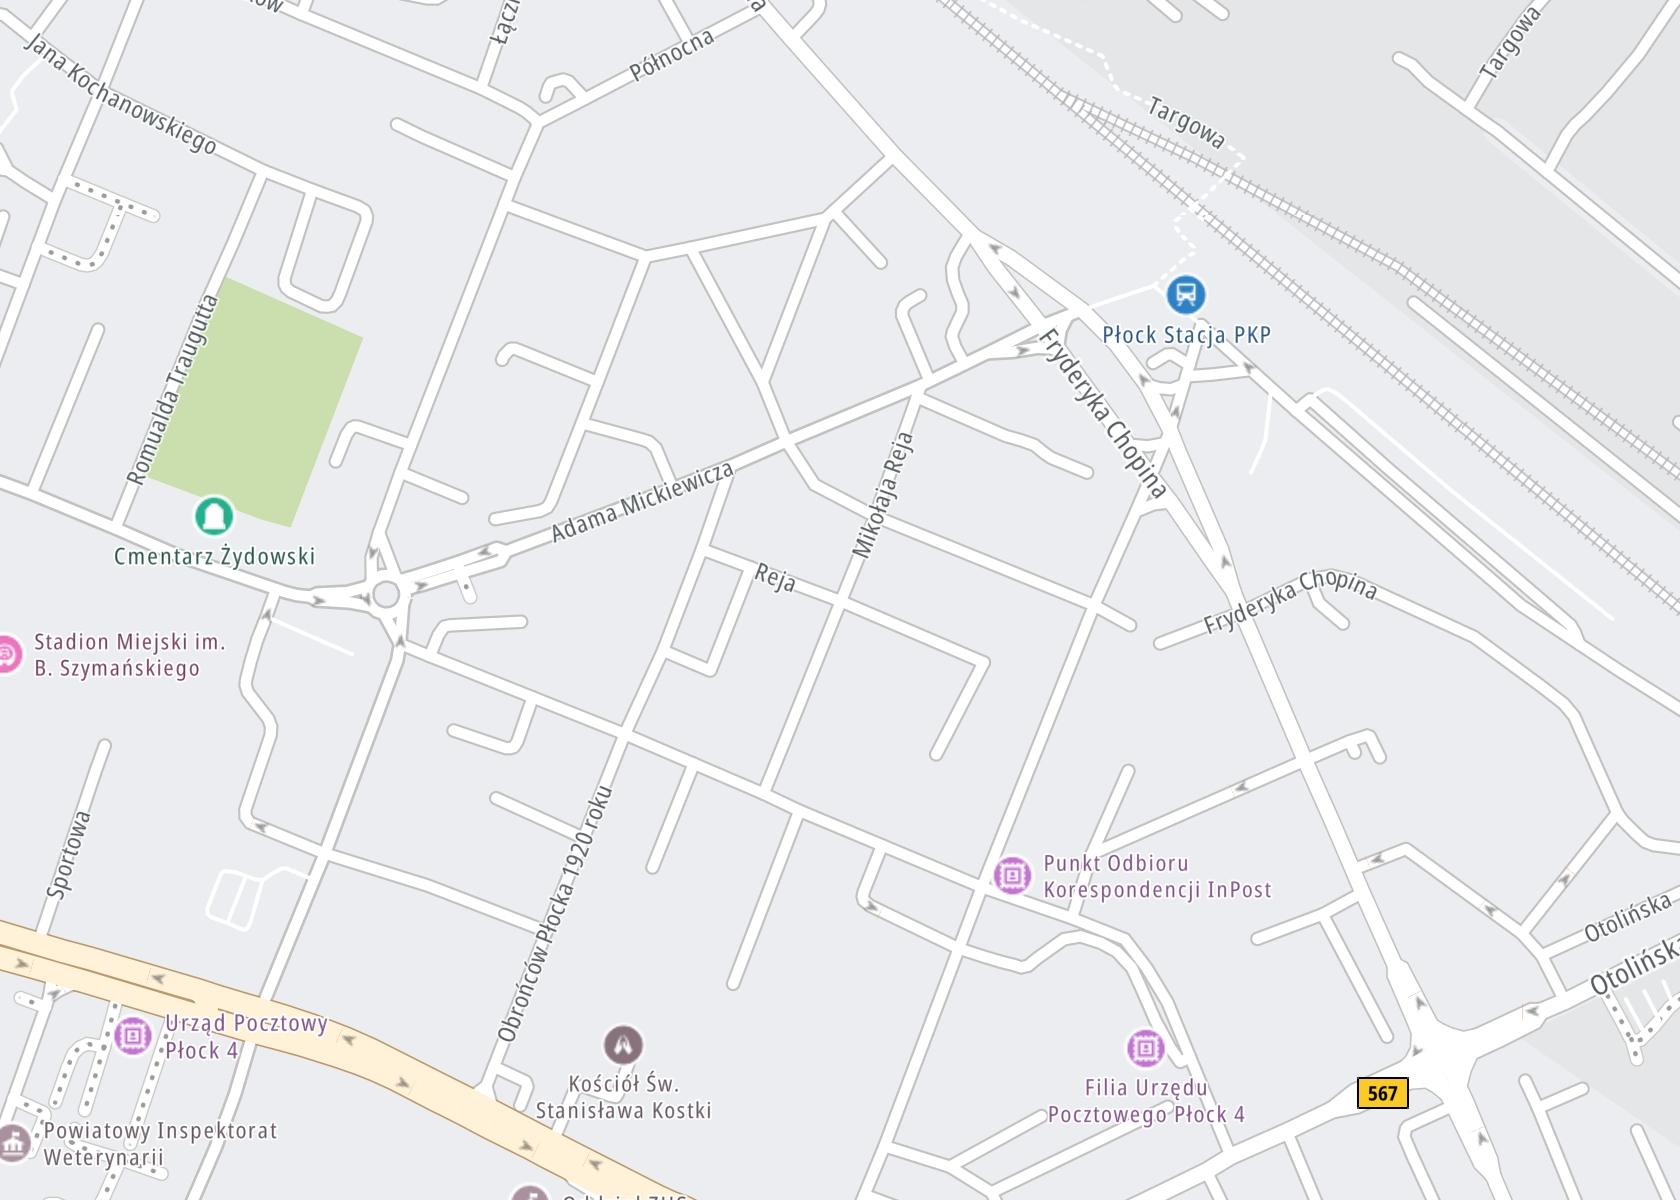 Położenie Płocki Zakład Opieki Zdrowotnej sp. z o.o. Poradnia Profilaktyki i Leczenia Uzależnień na mapie